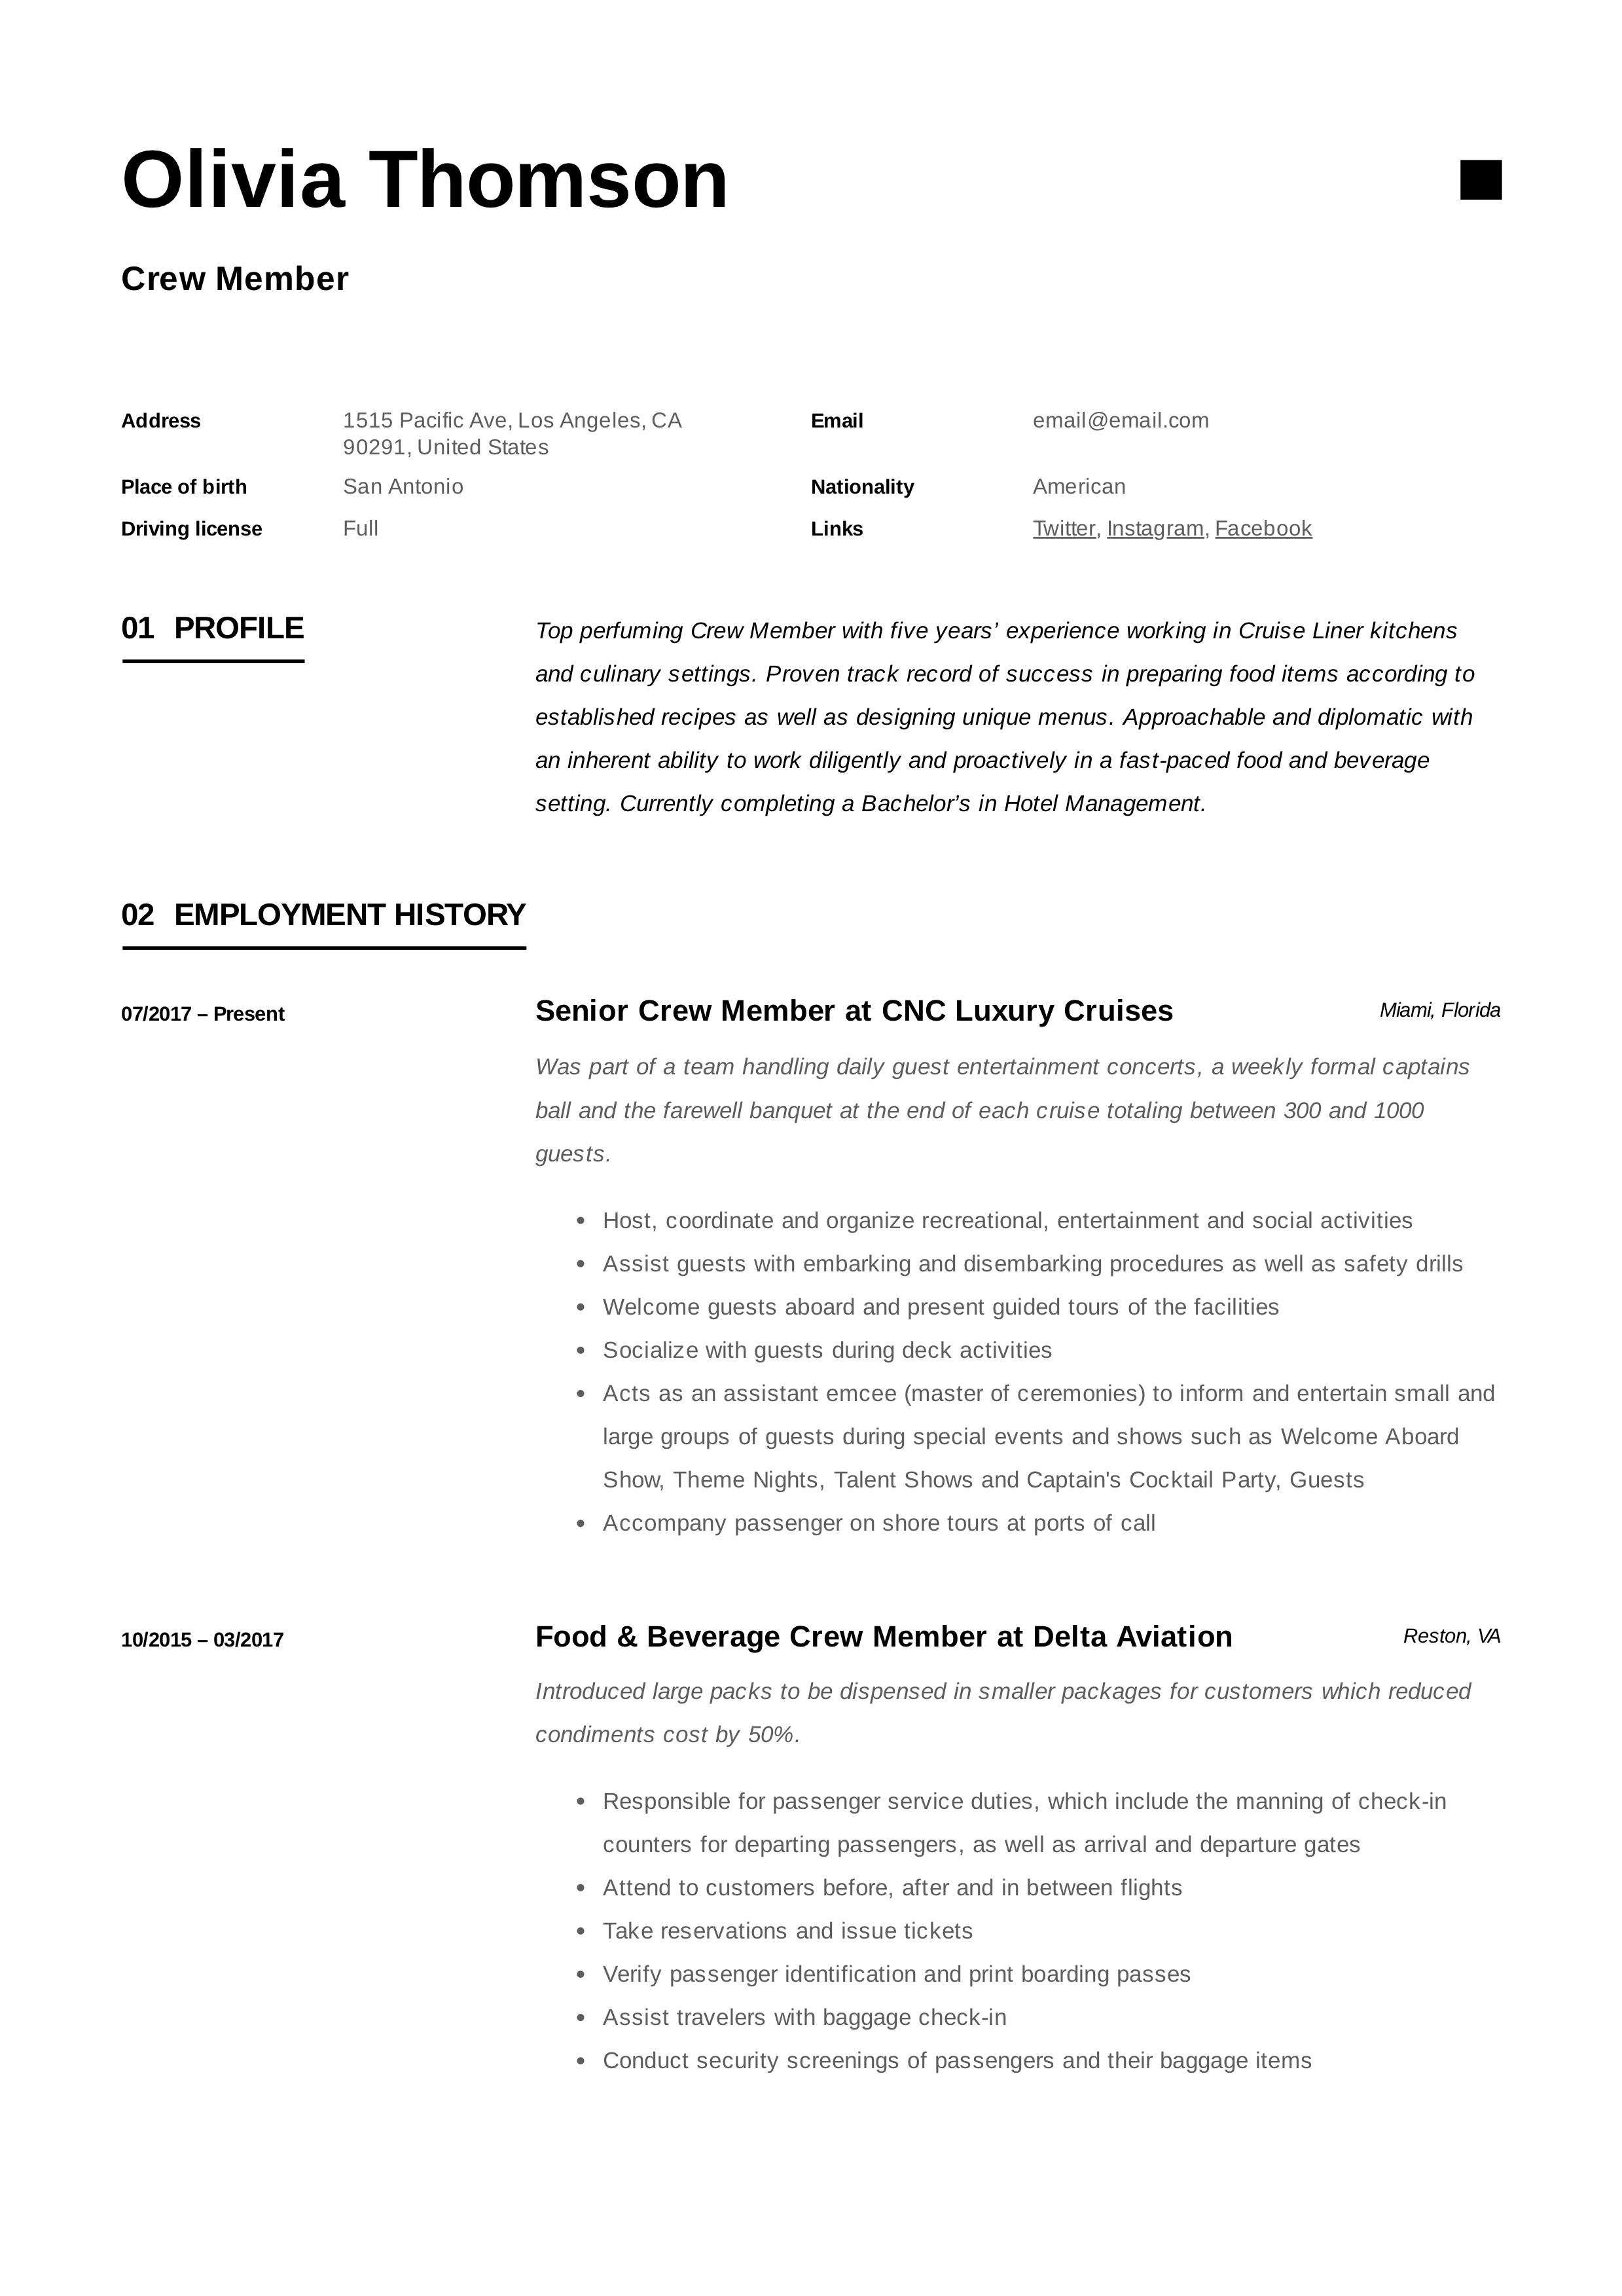 Crew member resume